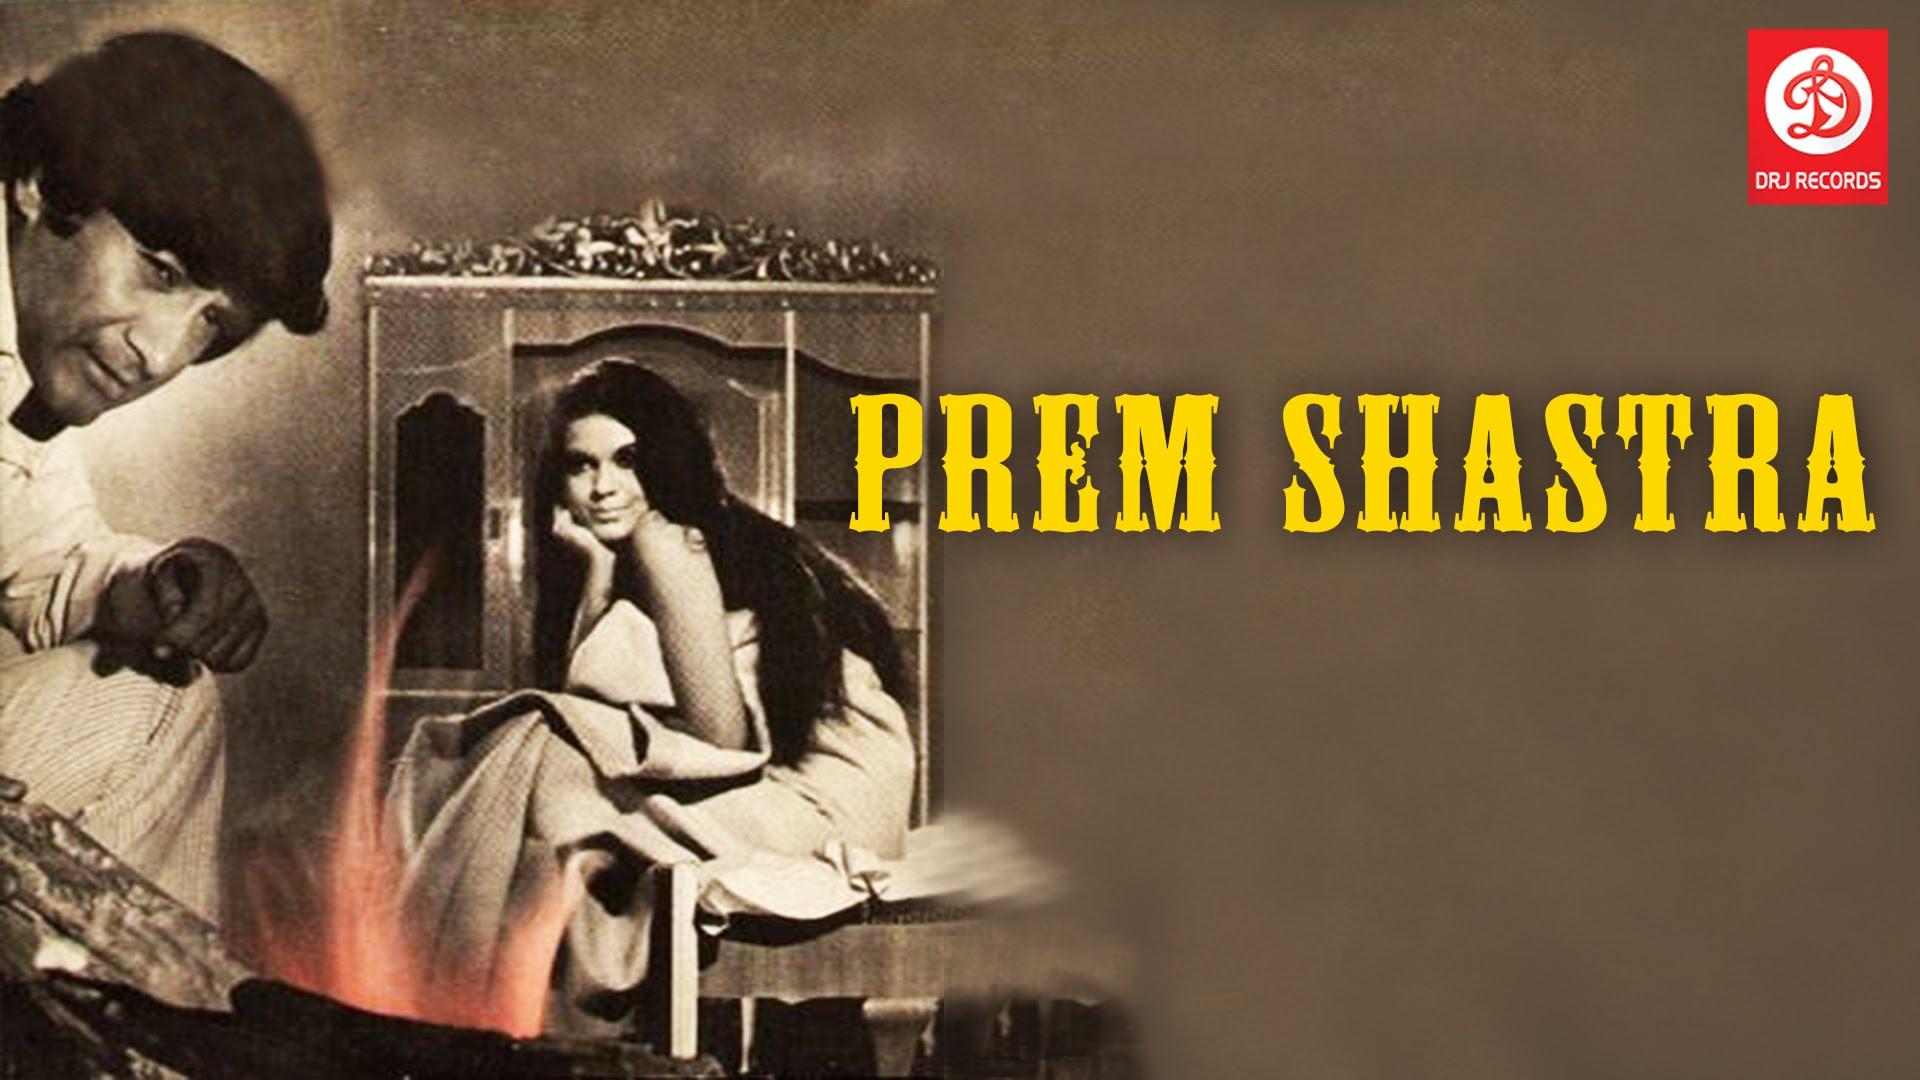 Prem Shastra (1974) || Dev Anand, Zeenat Aman, Bindu, Shekhar, Asit Kumar Sen, Mumtaz Begu